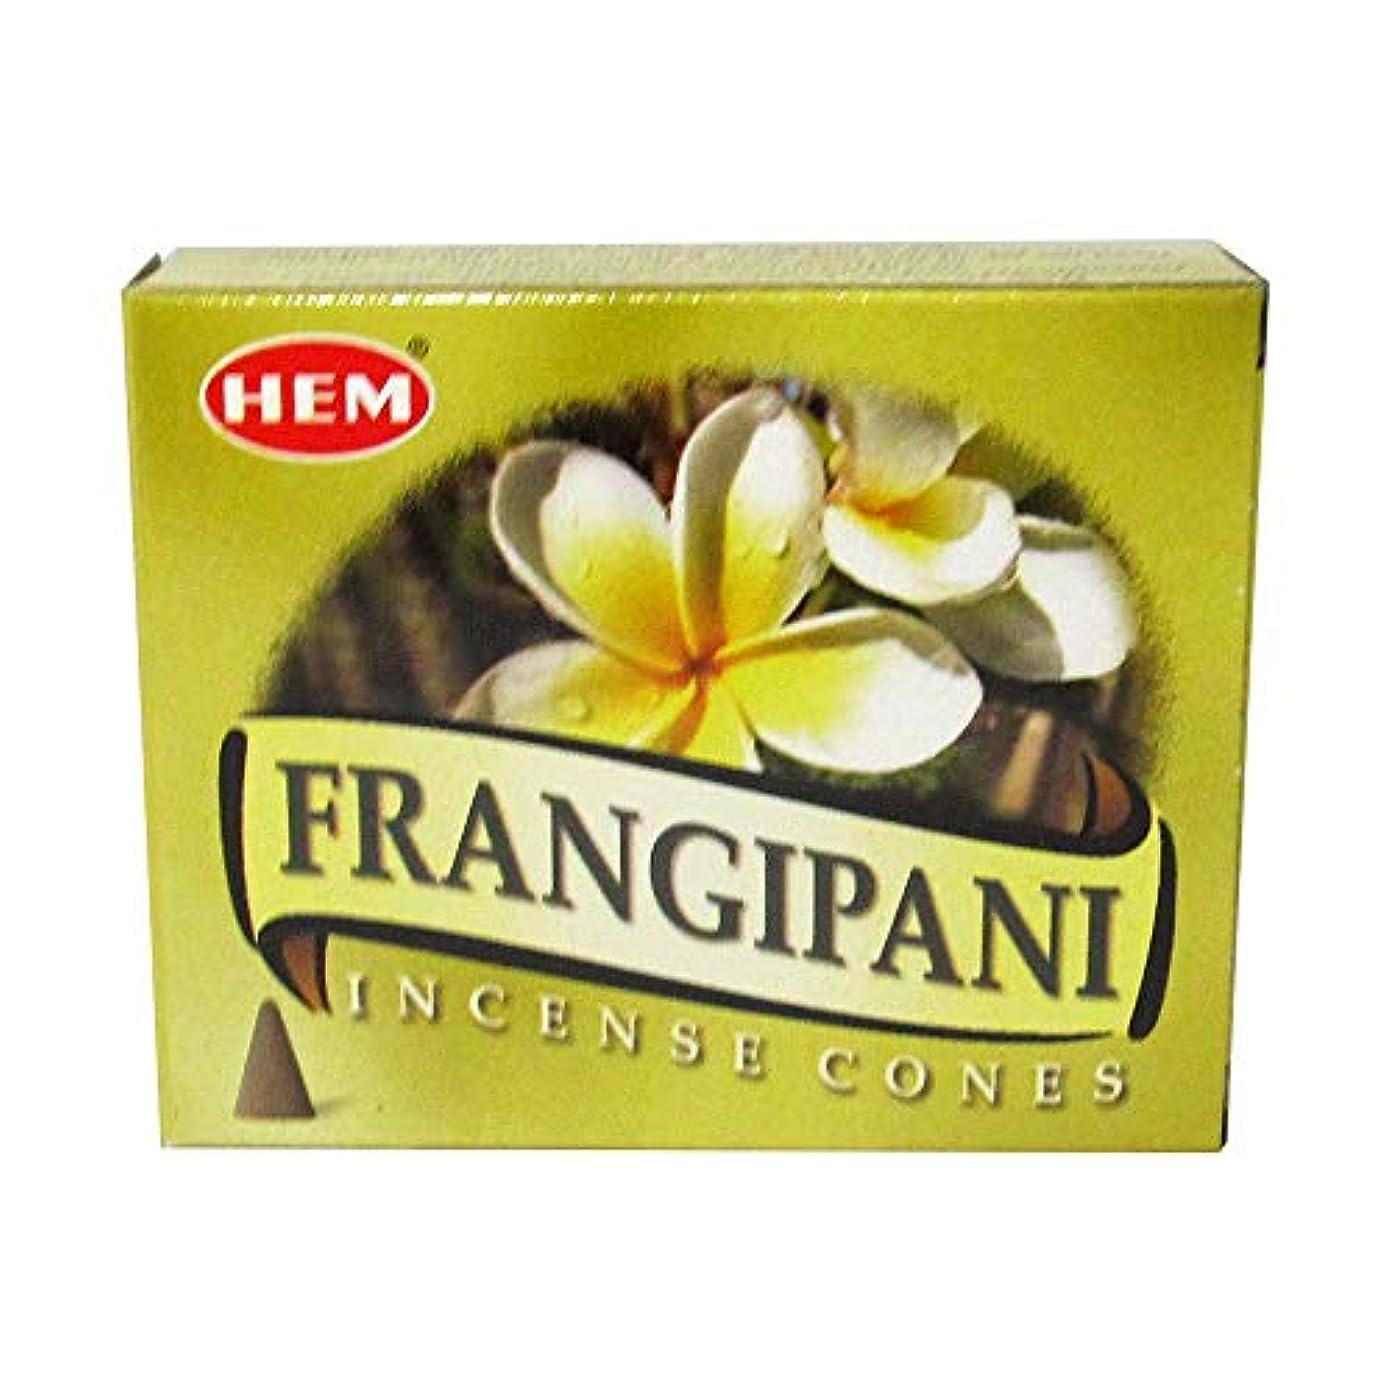 試みる絶えず活性化HEM お香 フランジパニ香 コーン